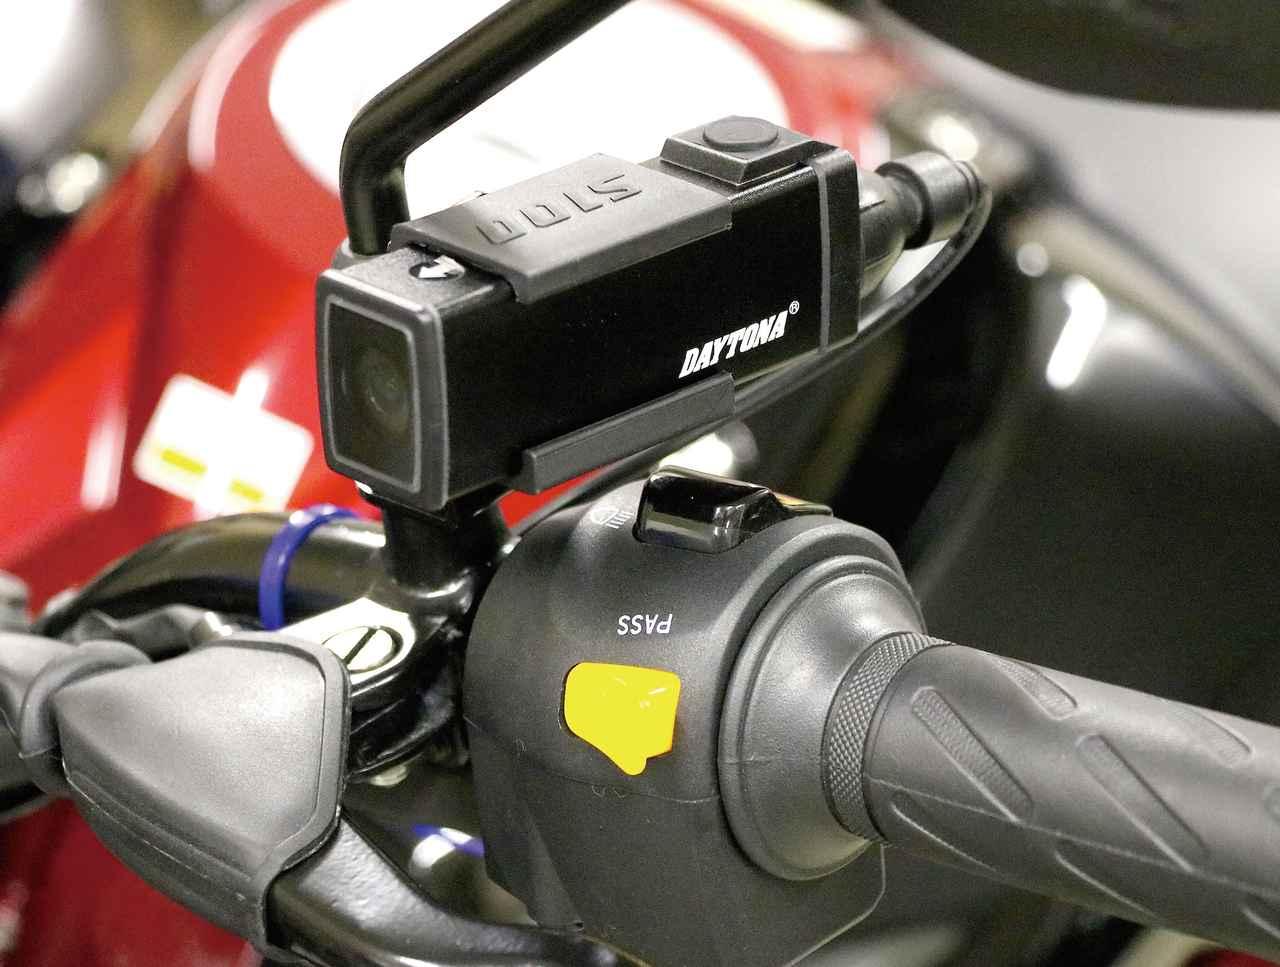 画像: デイトナ DDR-S100 [本体サイズ]長さ260㎜×高さ35㎜×幅26㎜   [重量]70g 価格:2万520円(税込) 付属のステーでミラー取り付け部に固定した状態。本体重量が70gと軽量なので振動によるブレも少ない。